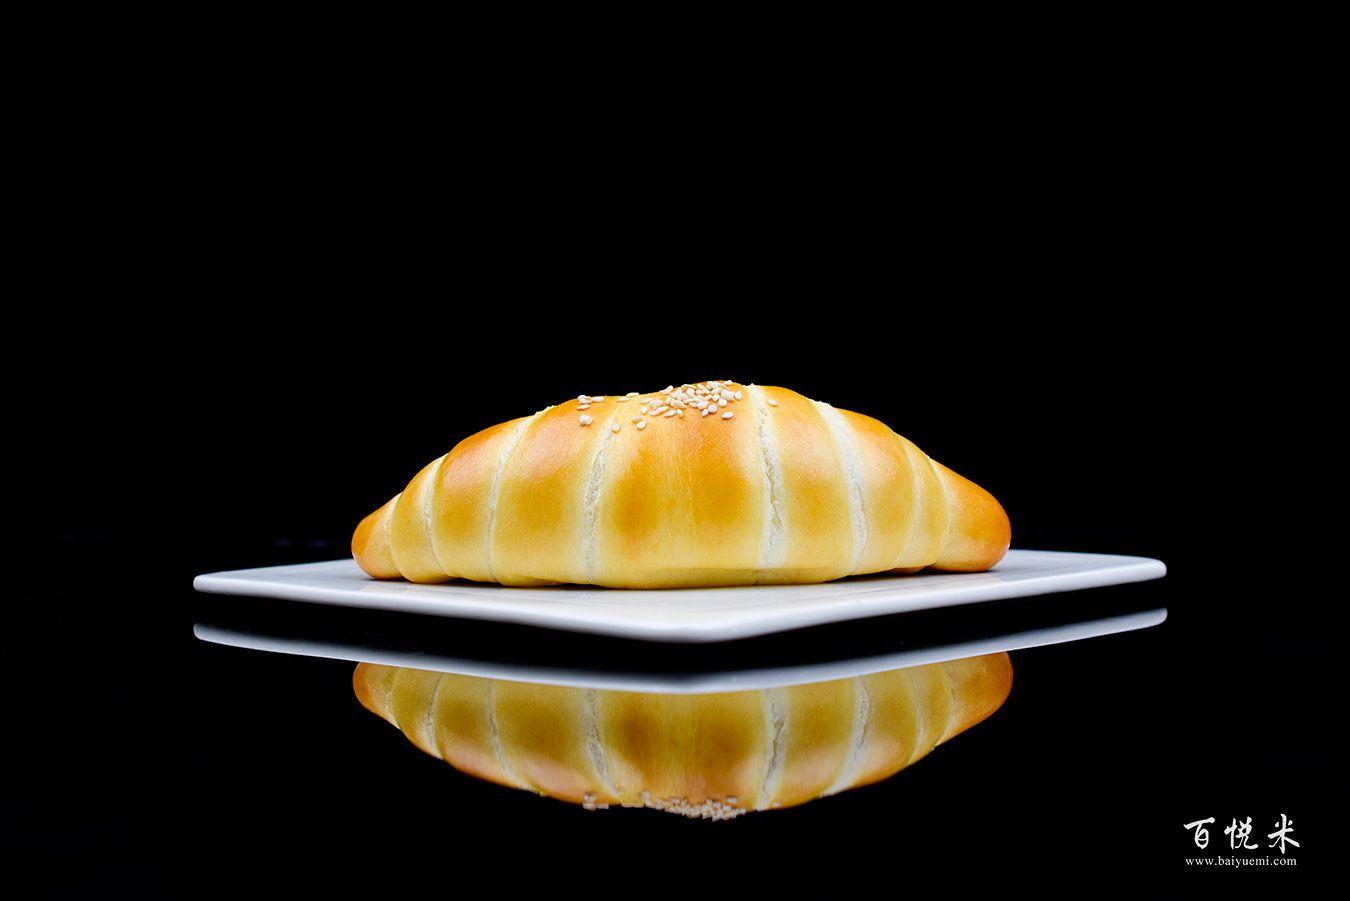 海螺面包高清图片大全【蛋糕图片】_434